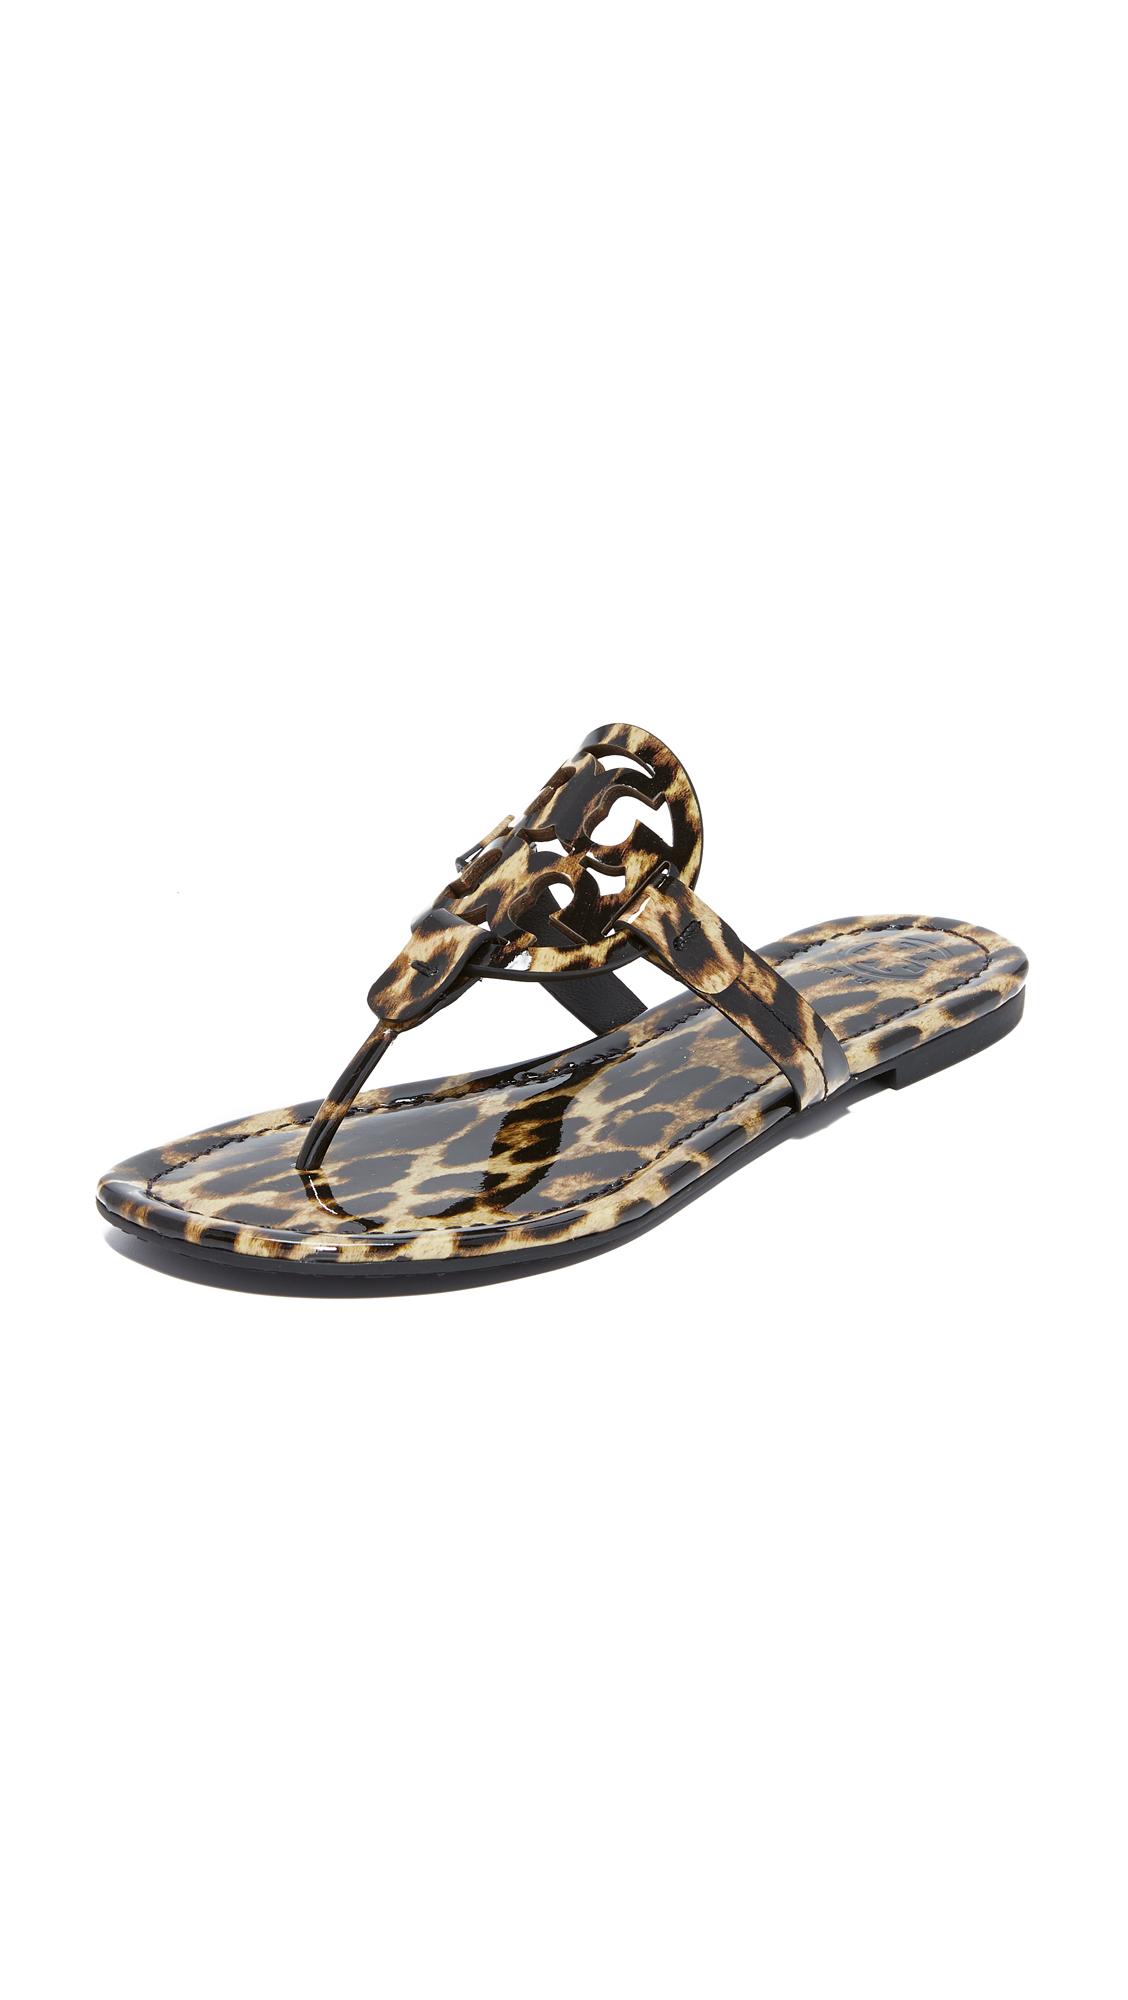 Tory Burch Miller Thong Sandals - Leopard